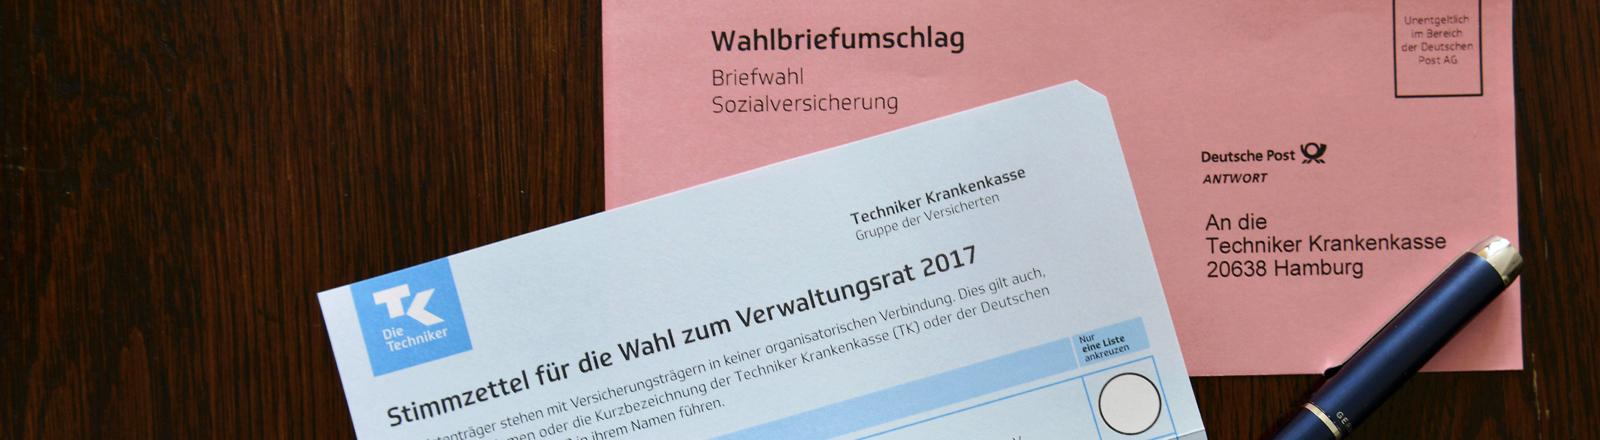 Wahlunterlagen zur Sozialwahl 2017